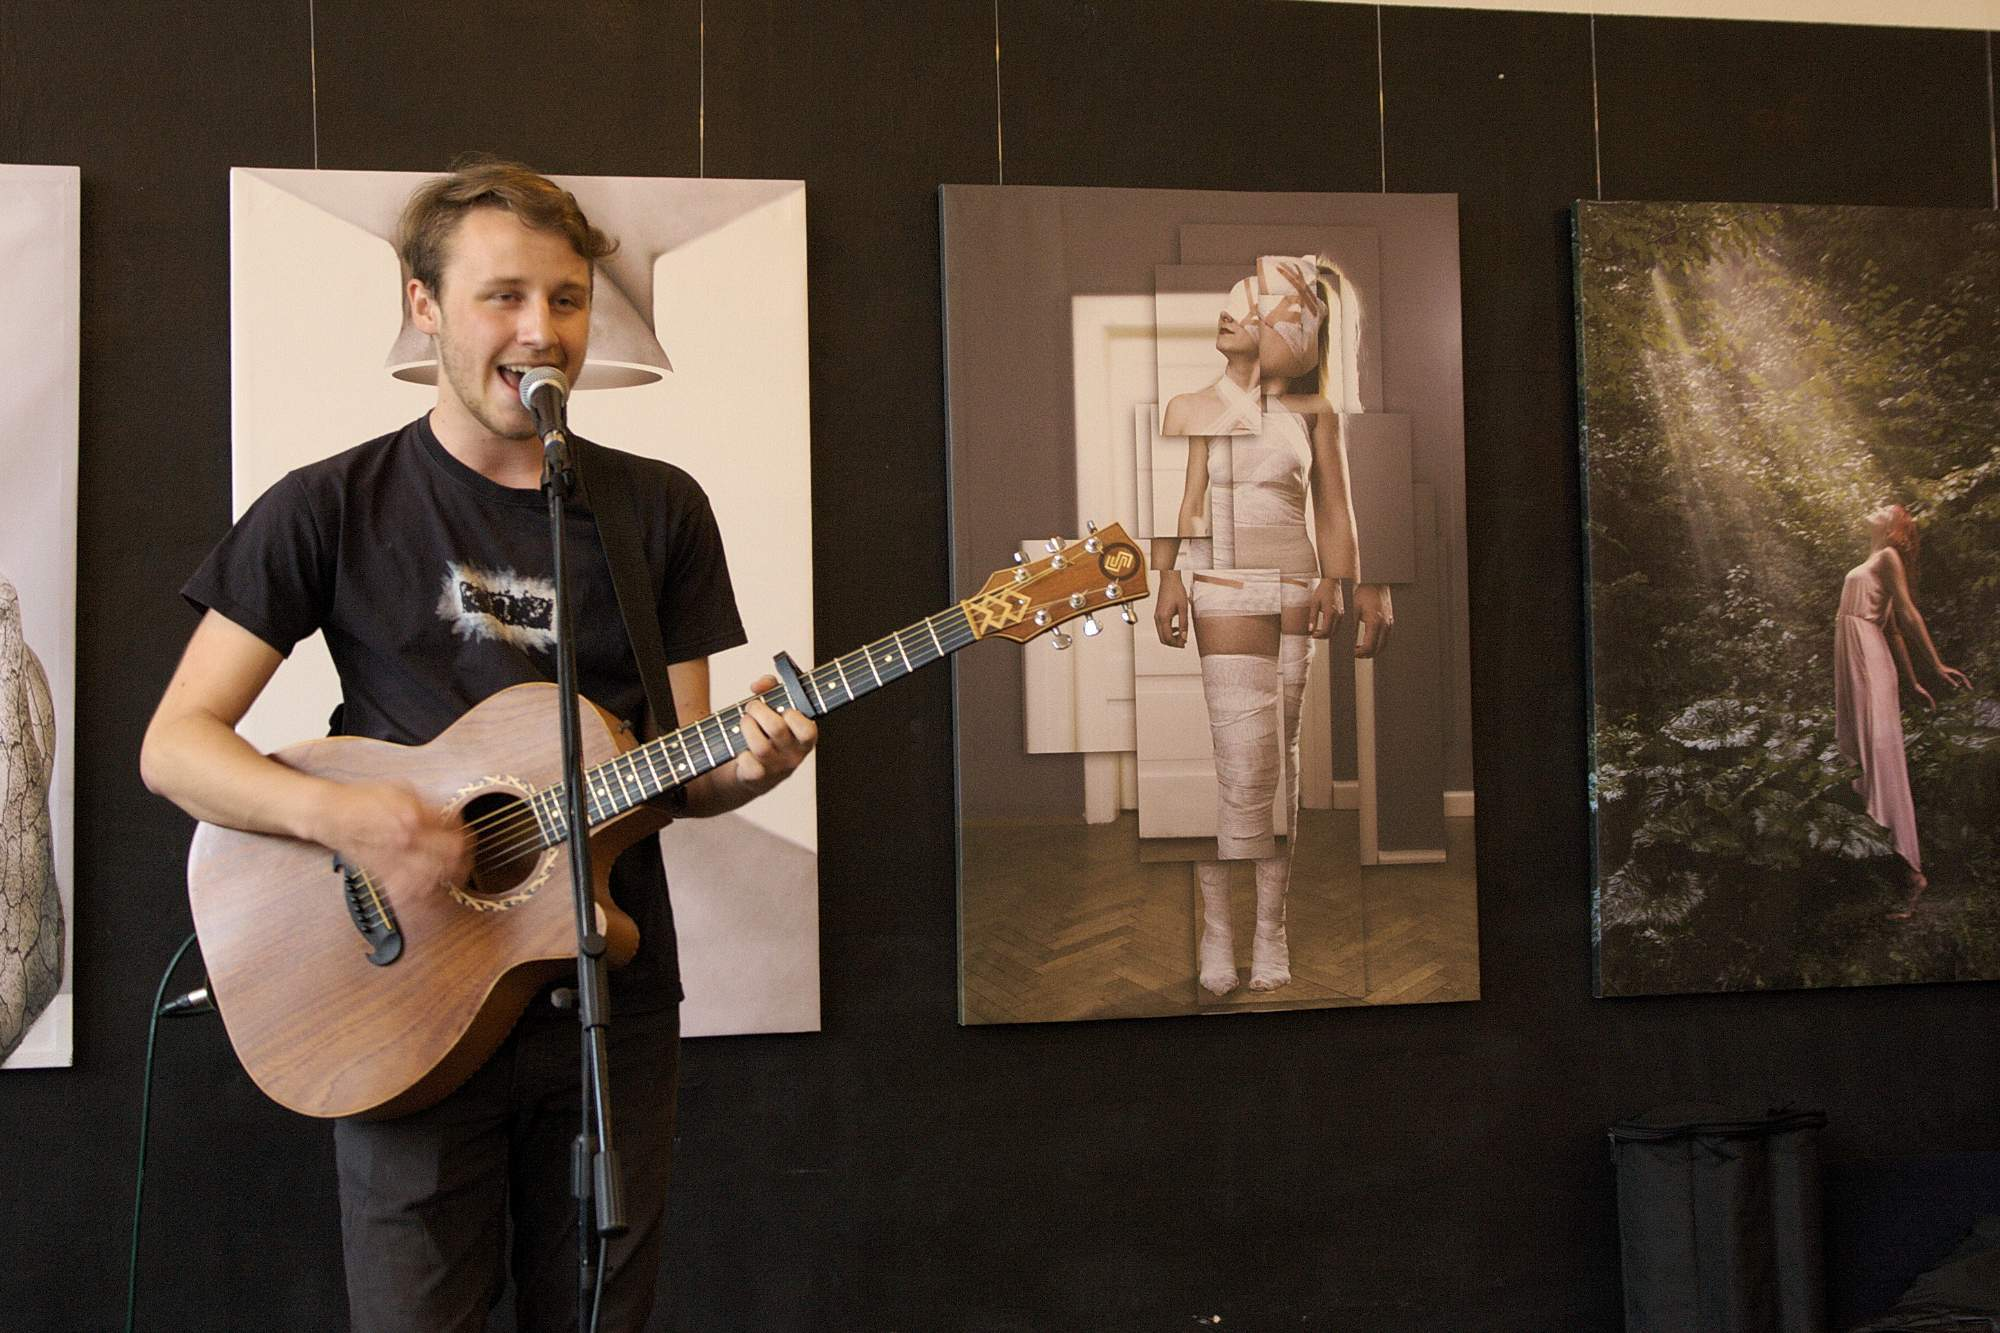 Na SemestrENDu vystoupil mladý hudebník Václav Svoboda, který studuje na Masarykově univerzitě. Na jeho vystoupení byly slyšet pozitivní ohlasy jak ze strany návštěvníků, tak ze strany zástupců přítomných spolků. Foto: Martina Hykšová